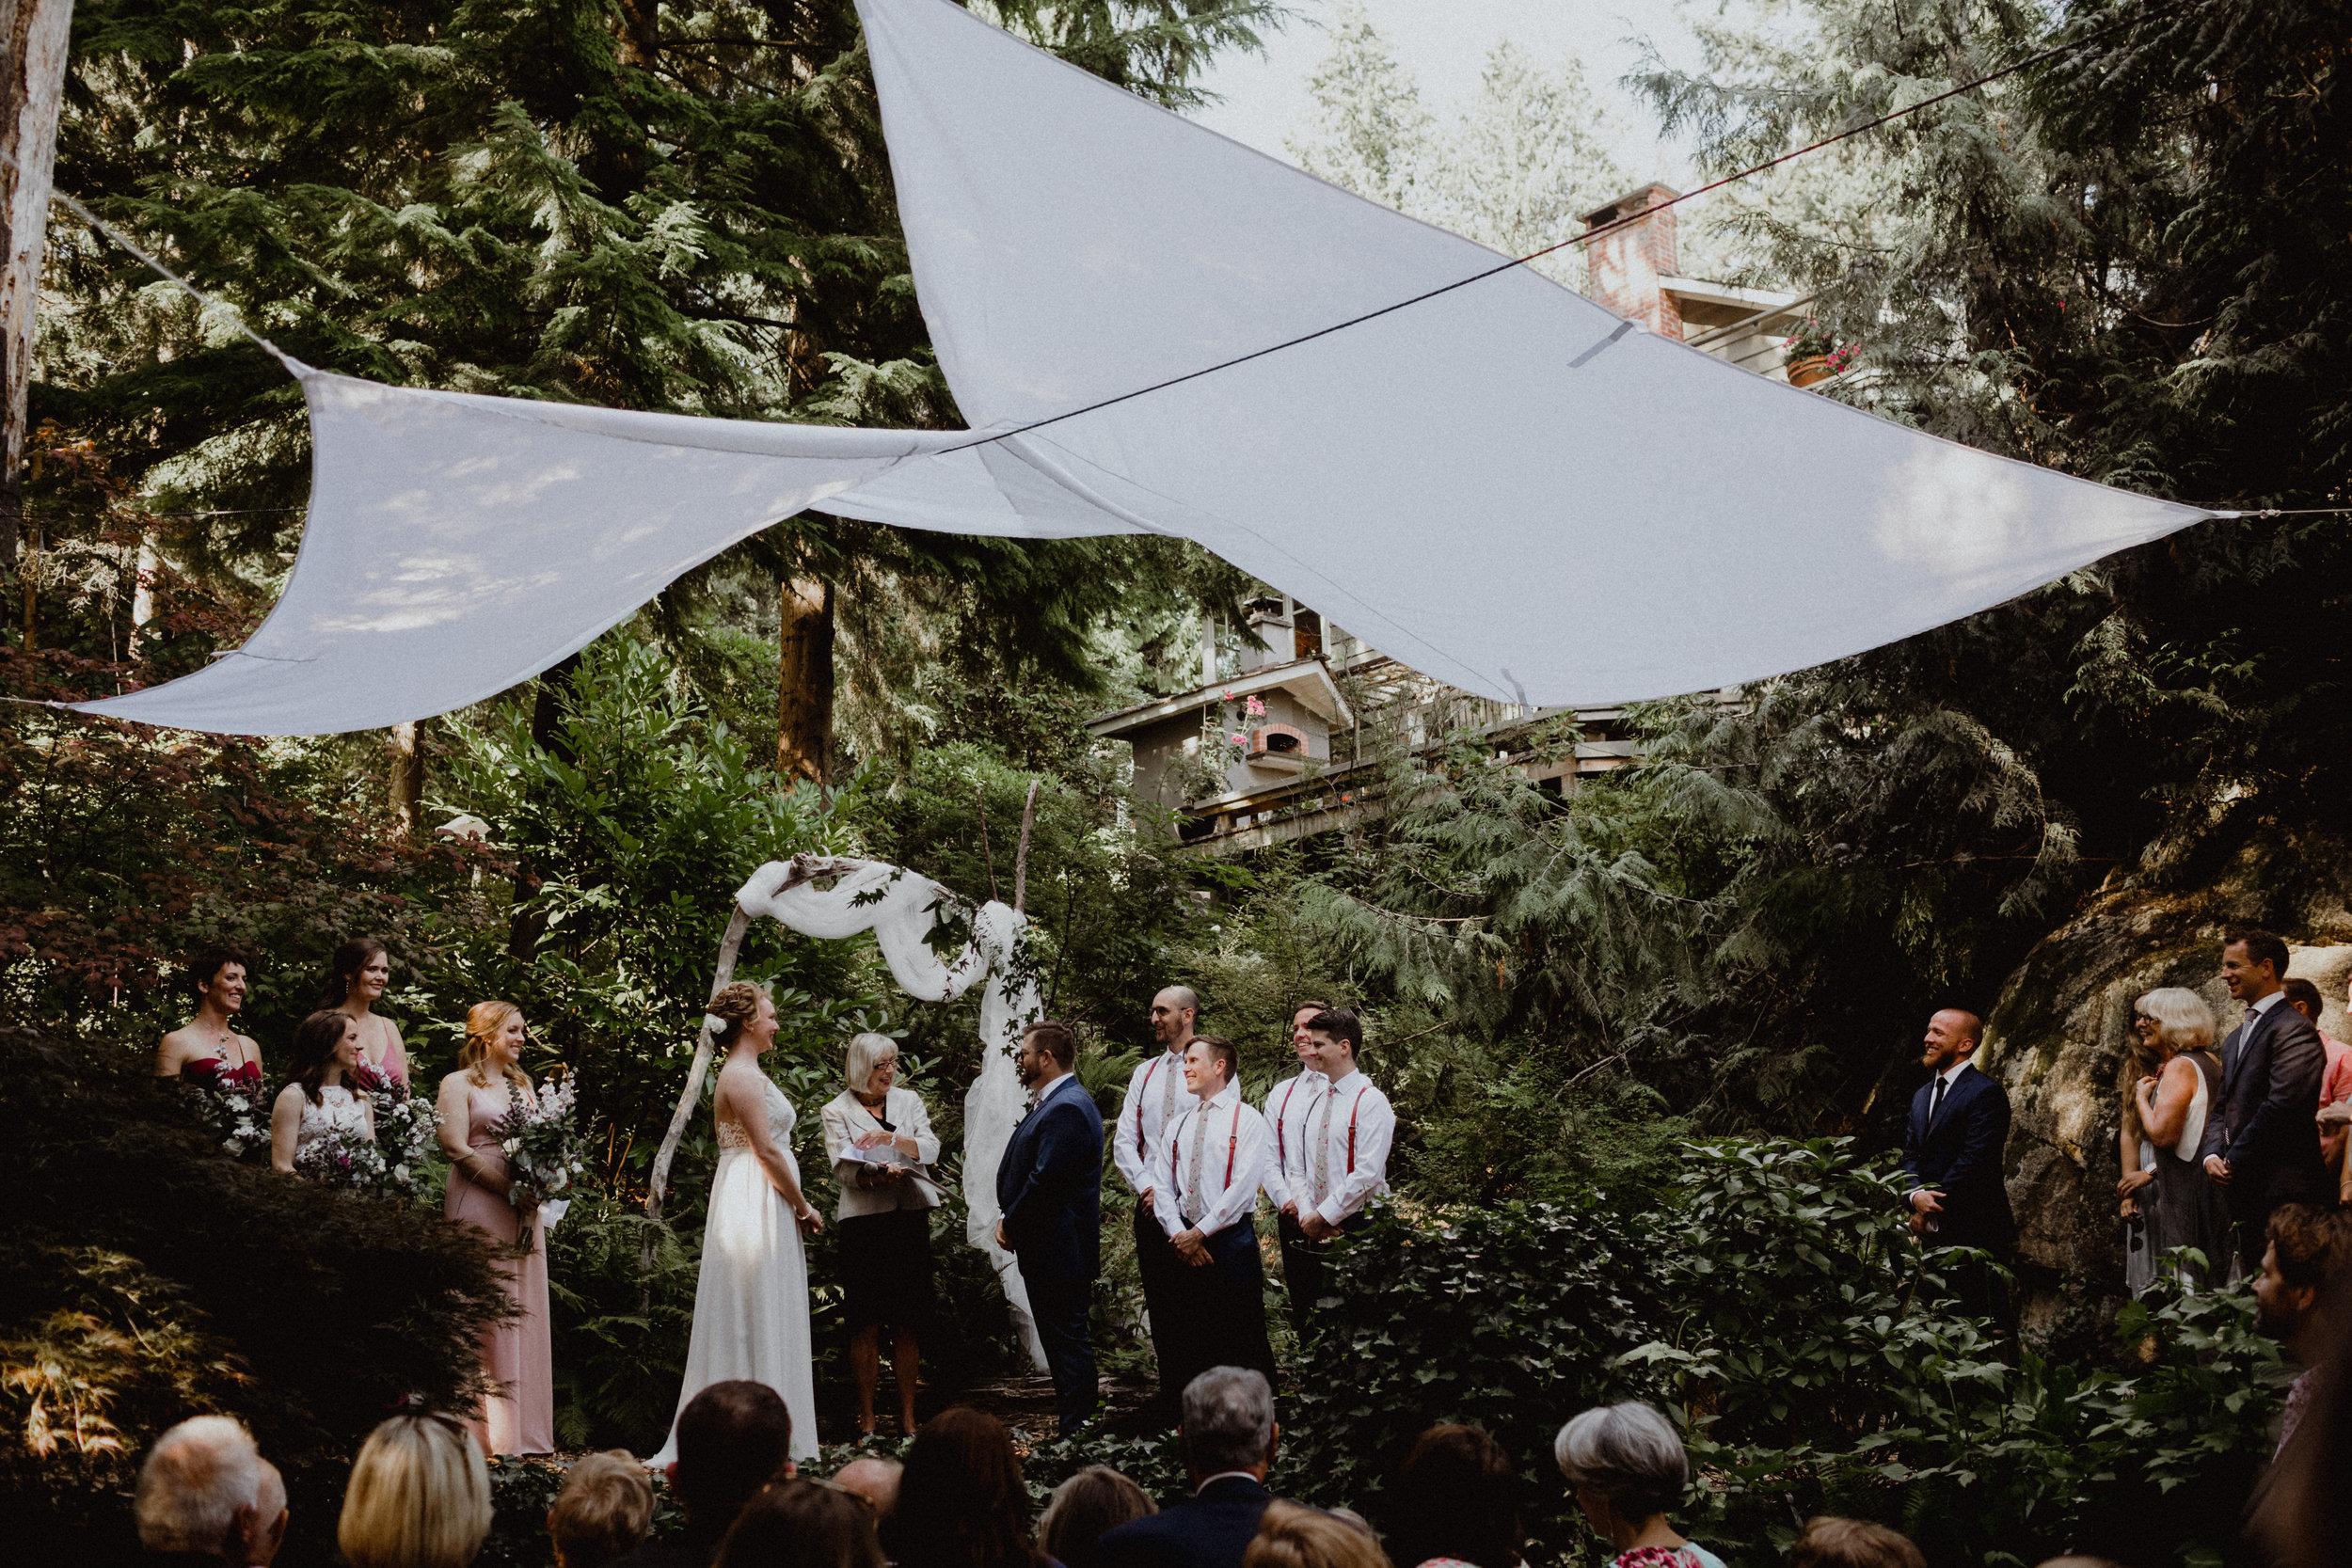 west-vancouver-backyard-wedding-99.jpg